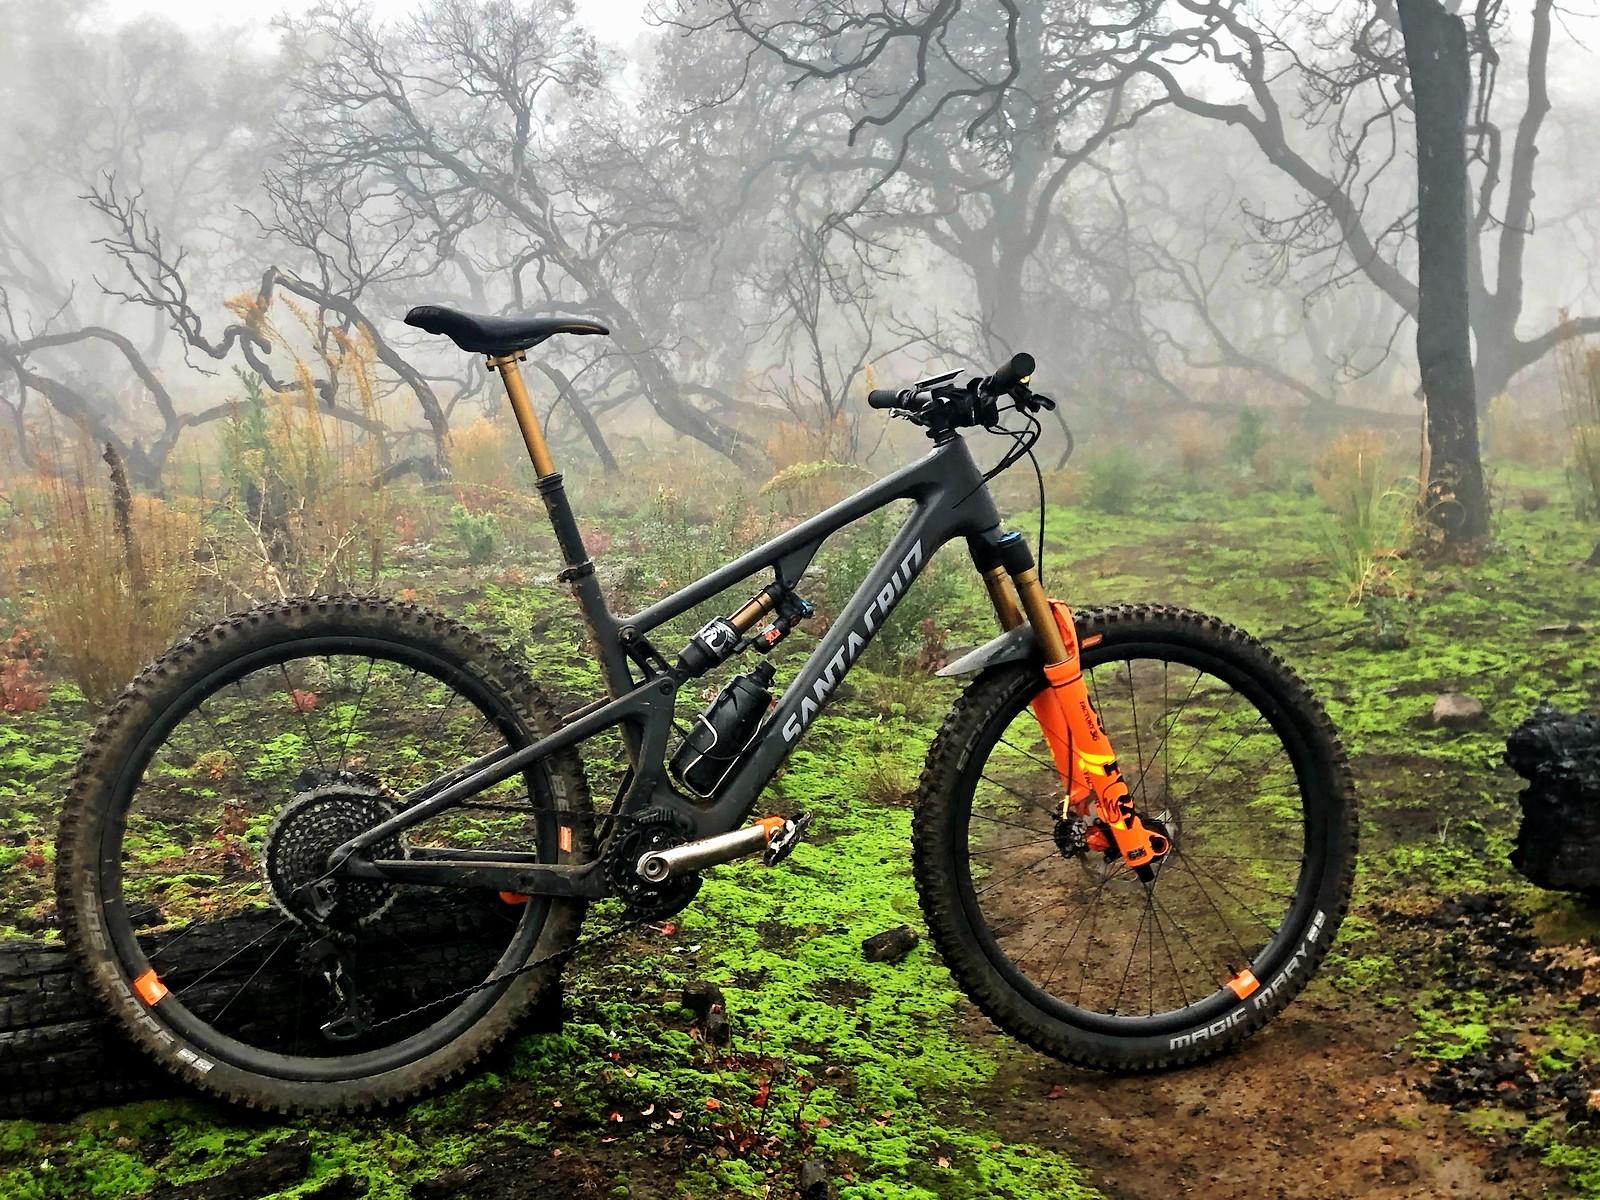 Santa Cruz 5010 Darkhorse